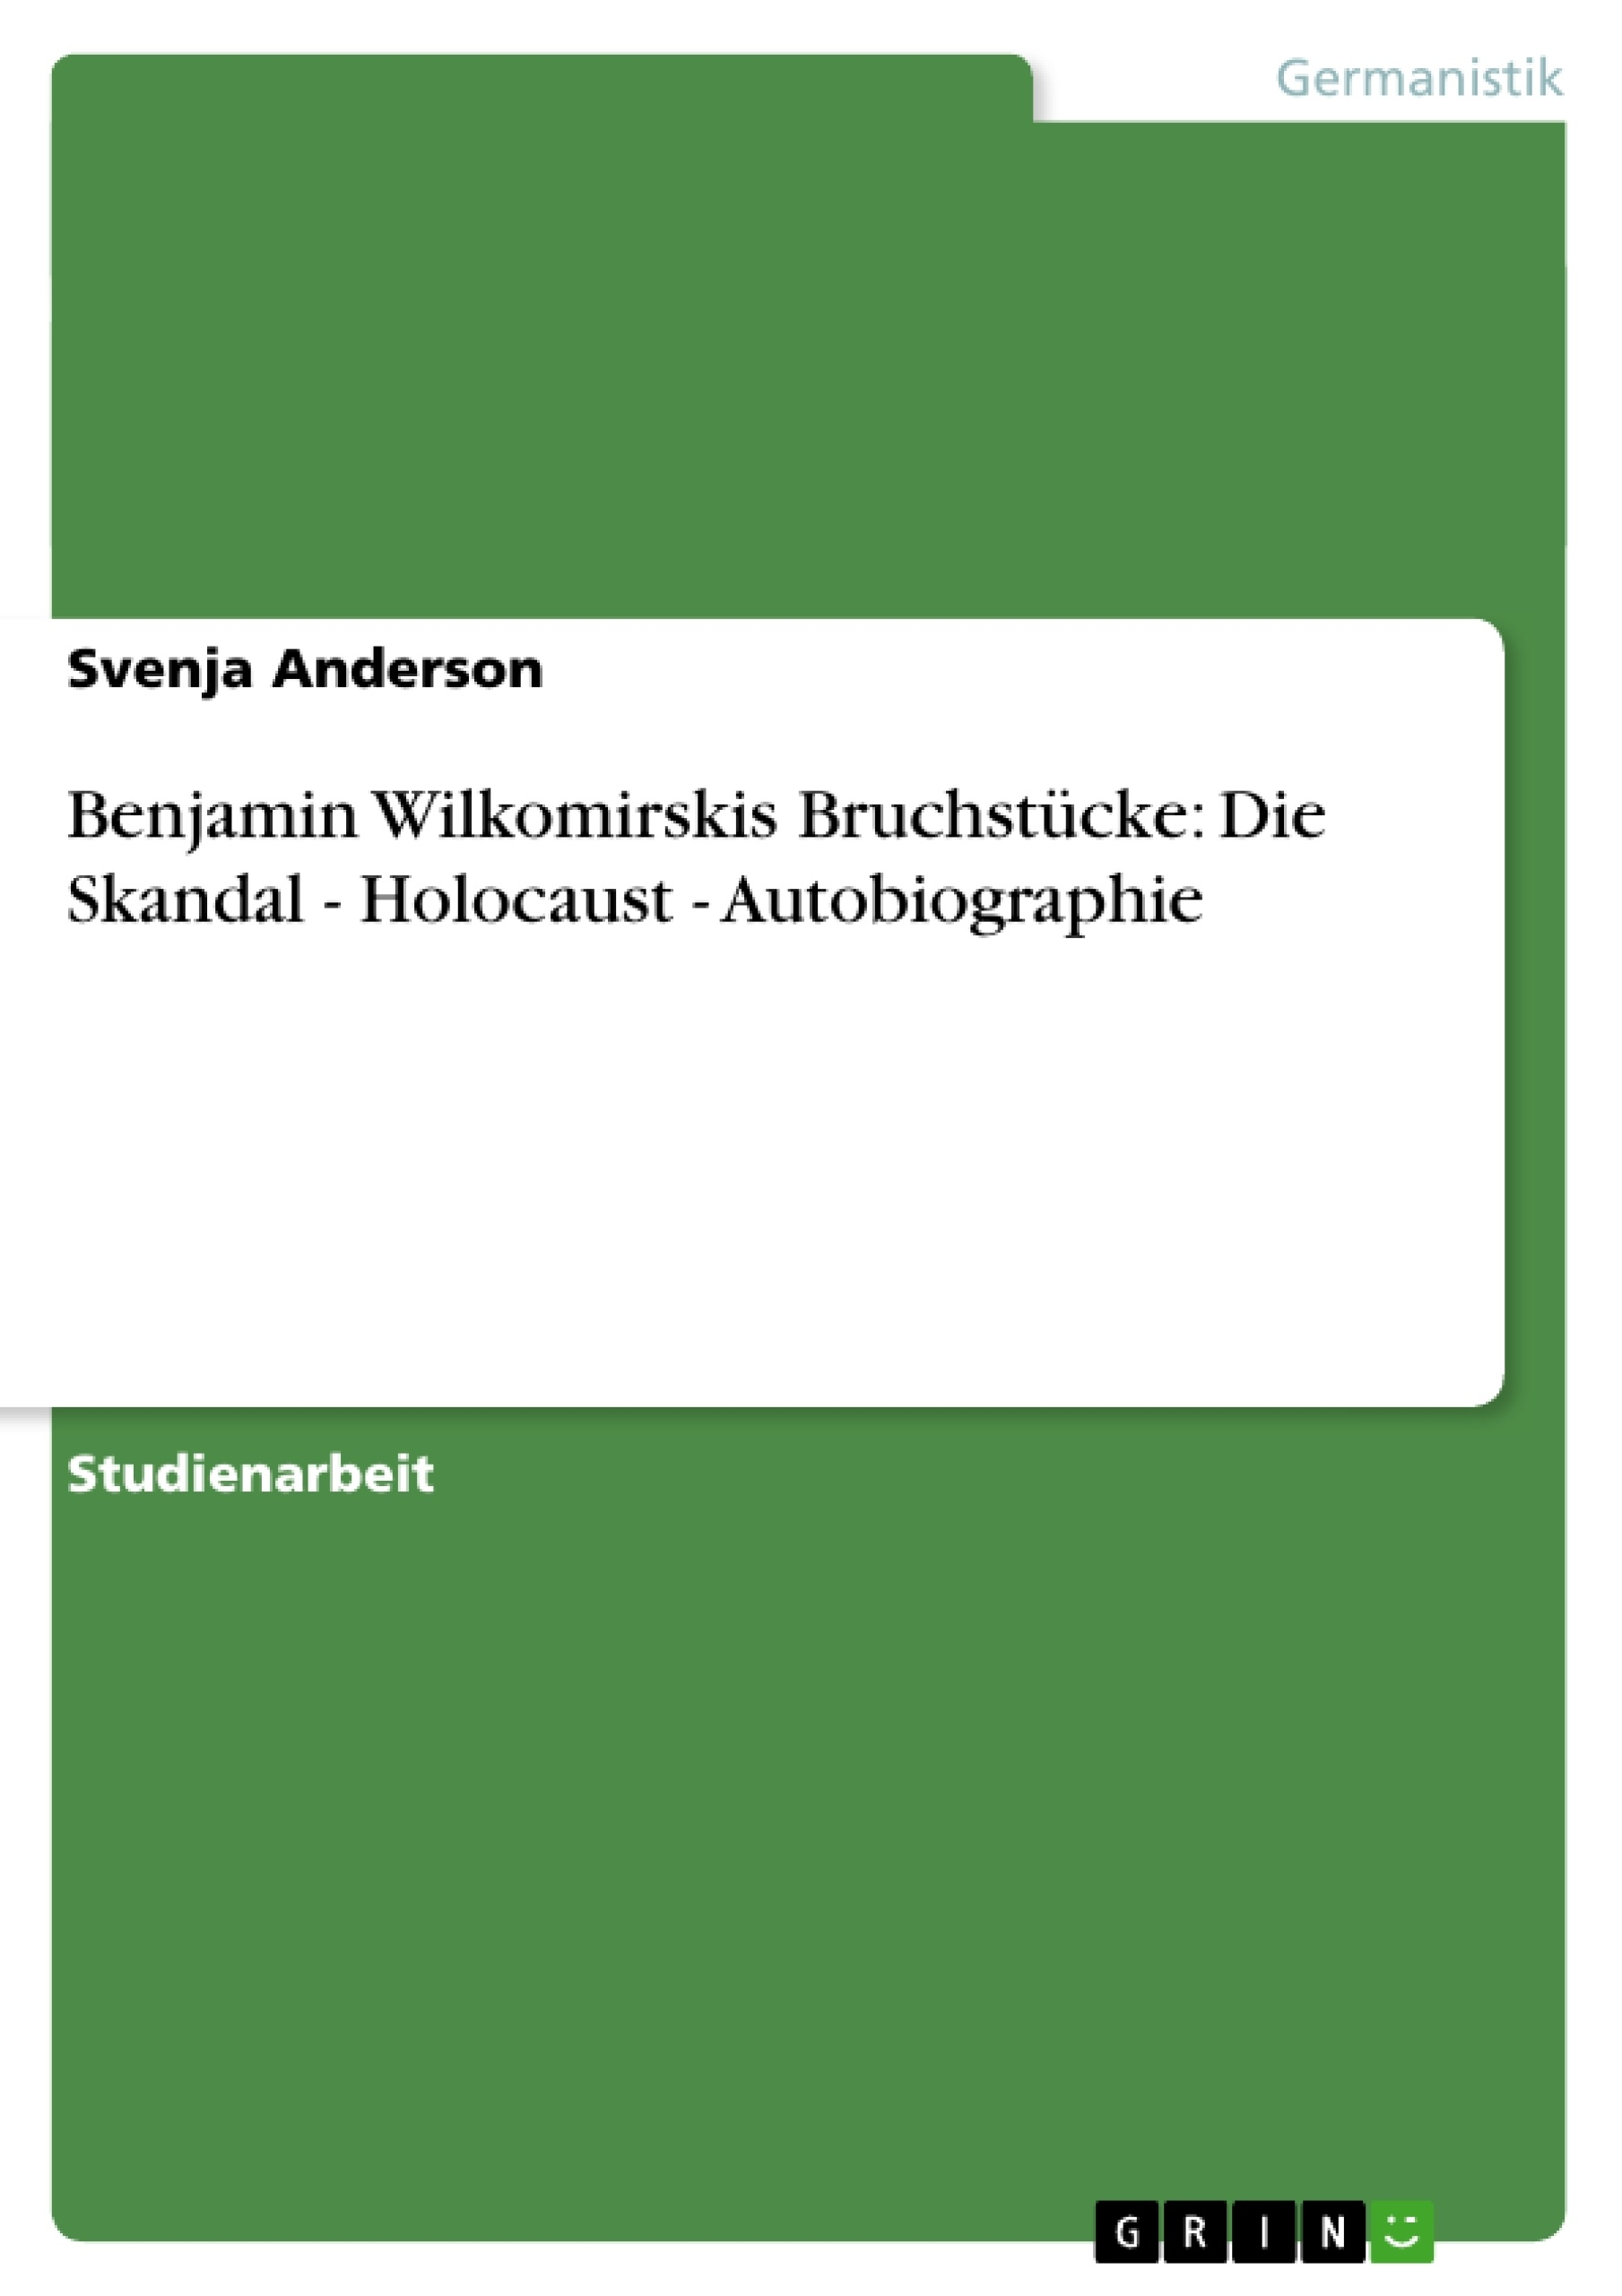 Titel: Benjamin Wilkomirskis Bruchstücke: Die Skandal - Holocaust - Autobiographie